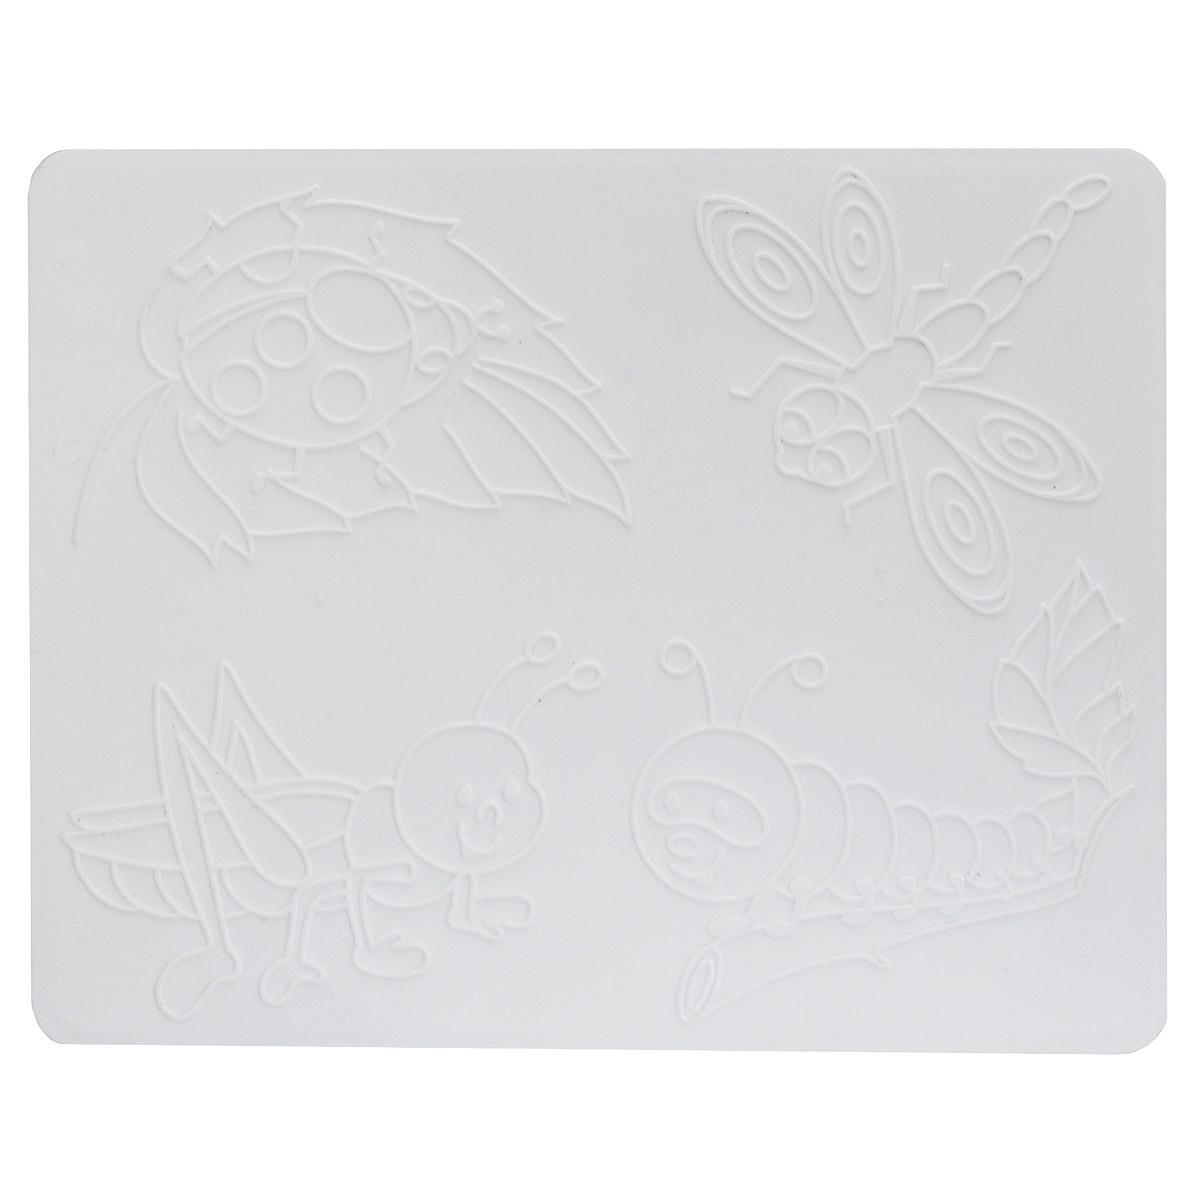 Доска для лепки ЛучPP-301Доска для лепки Луч - многофункциональный атрибут творческой деятельности. Благодаря универсальности материала, доску можно использовать как для защиты стола во время творчества ребенка, например, во время лепки, так и элемент для создания аппликации. Для этого рельефные рисунки переводятся на бумагу, а затем, с помощью пластилина, создается картинка. Доска изготовлена из мягкого пластика и легко отмывается от загрязнений. Доска для лепки Луч поможет ребенку развить творческие способности, воображение и мелкую моторику рук.